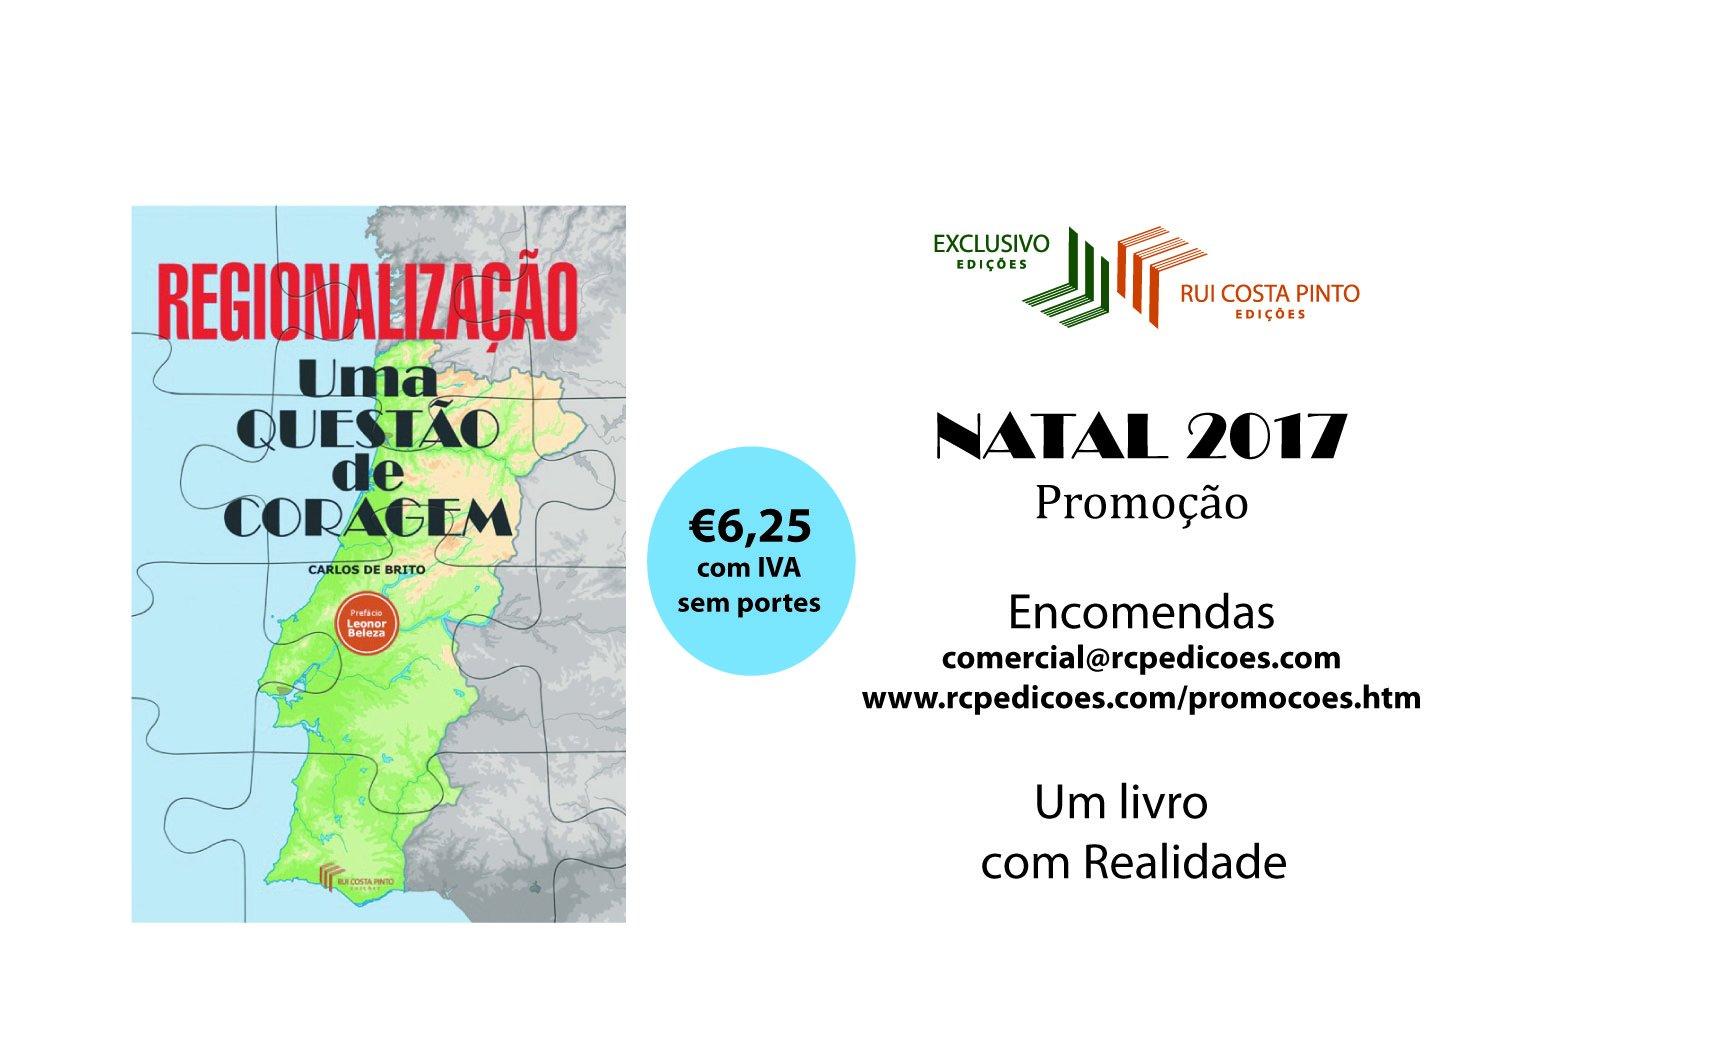 Natal 2017 - Promoção Ler + https://t.co/bZp8W4nd49 https://t.co/WOhM9Kw4iE